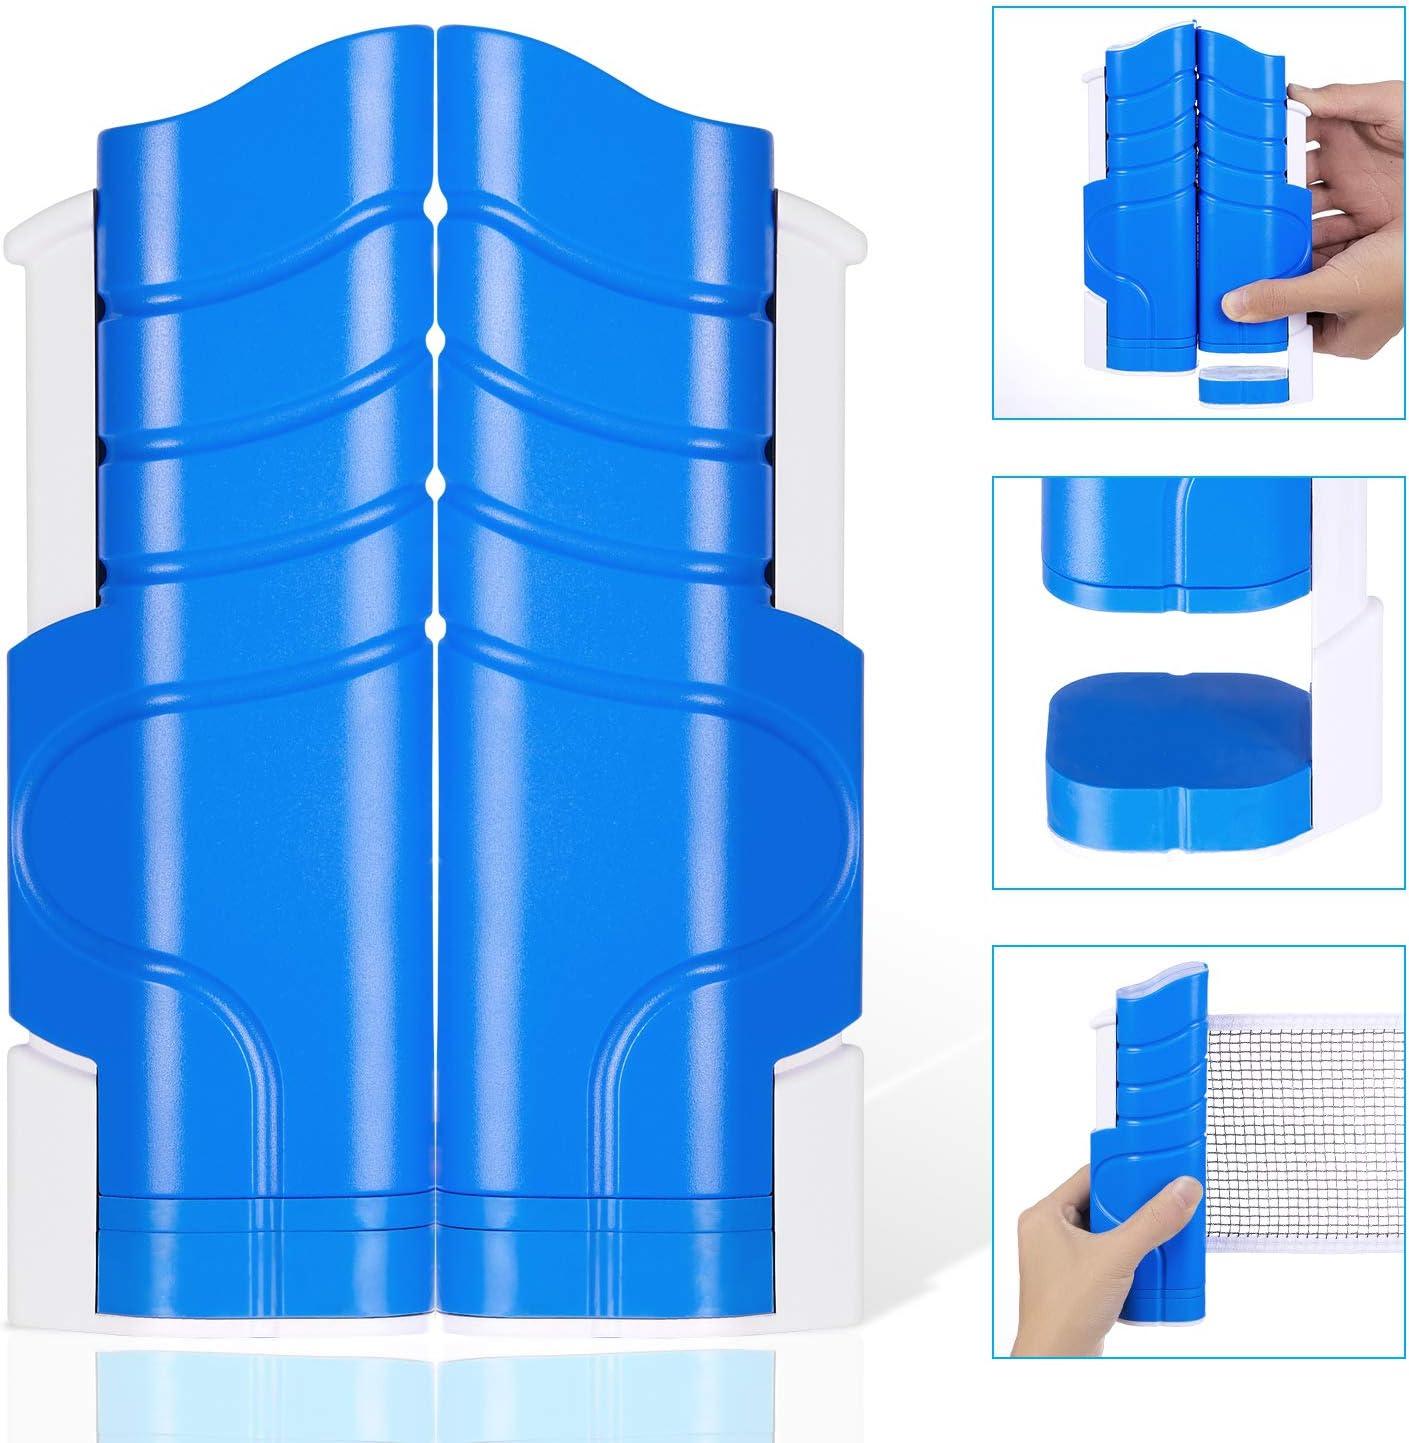 Lunghezza Regolabile 190 x 14,5 cm Yierya Rete da Ping Pong Max Replacement Ping Pong Retrattile Rack Allungabile Portatile e Estraibile Reti da Ping-Pong Morsetti per Staffe